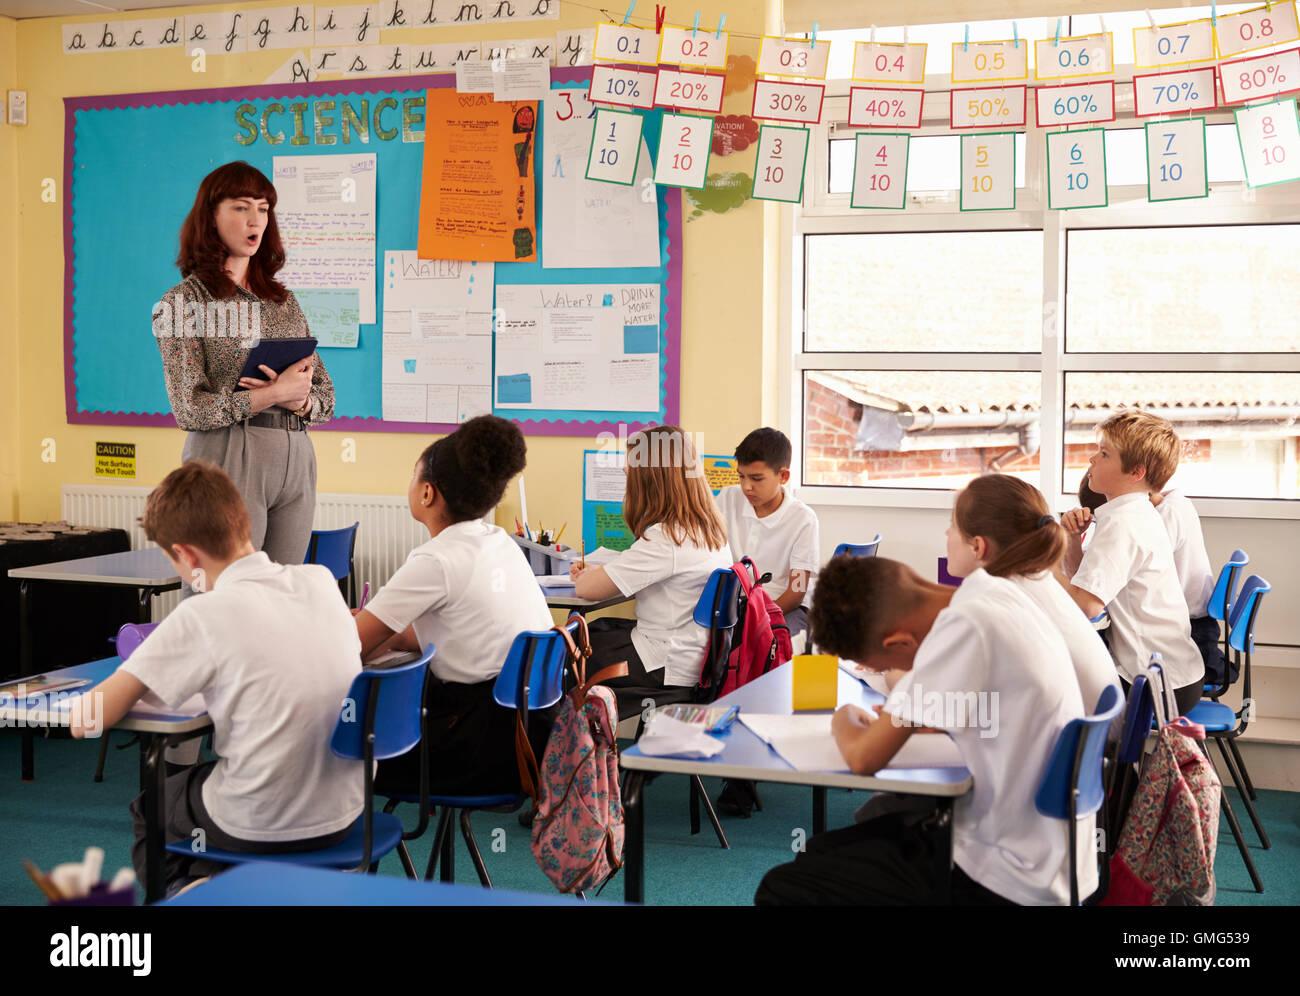 Avec l'ordinateur de l'enseignant en face de la classe de l'école primaire Photo Stock